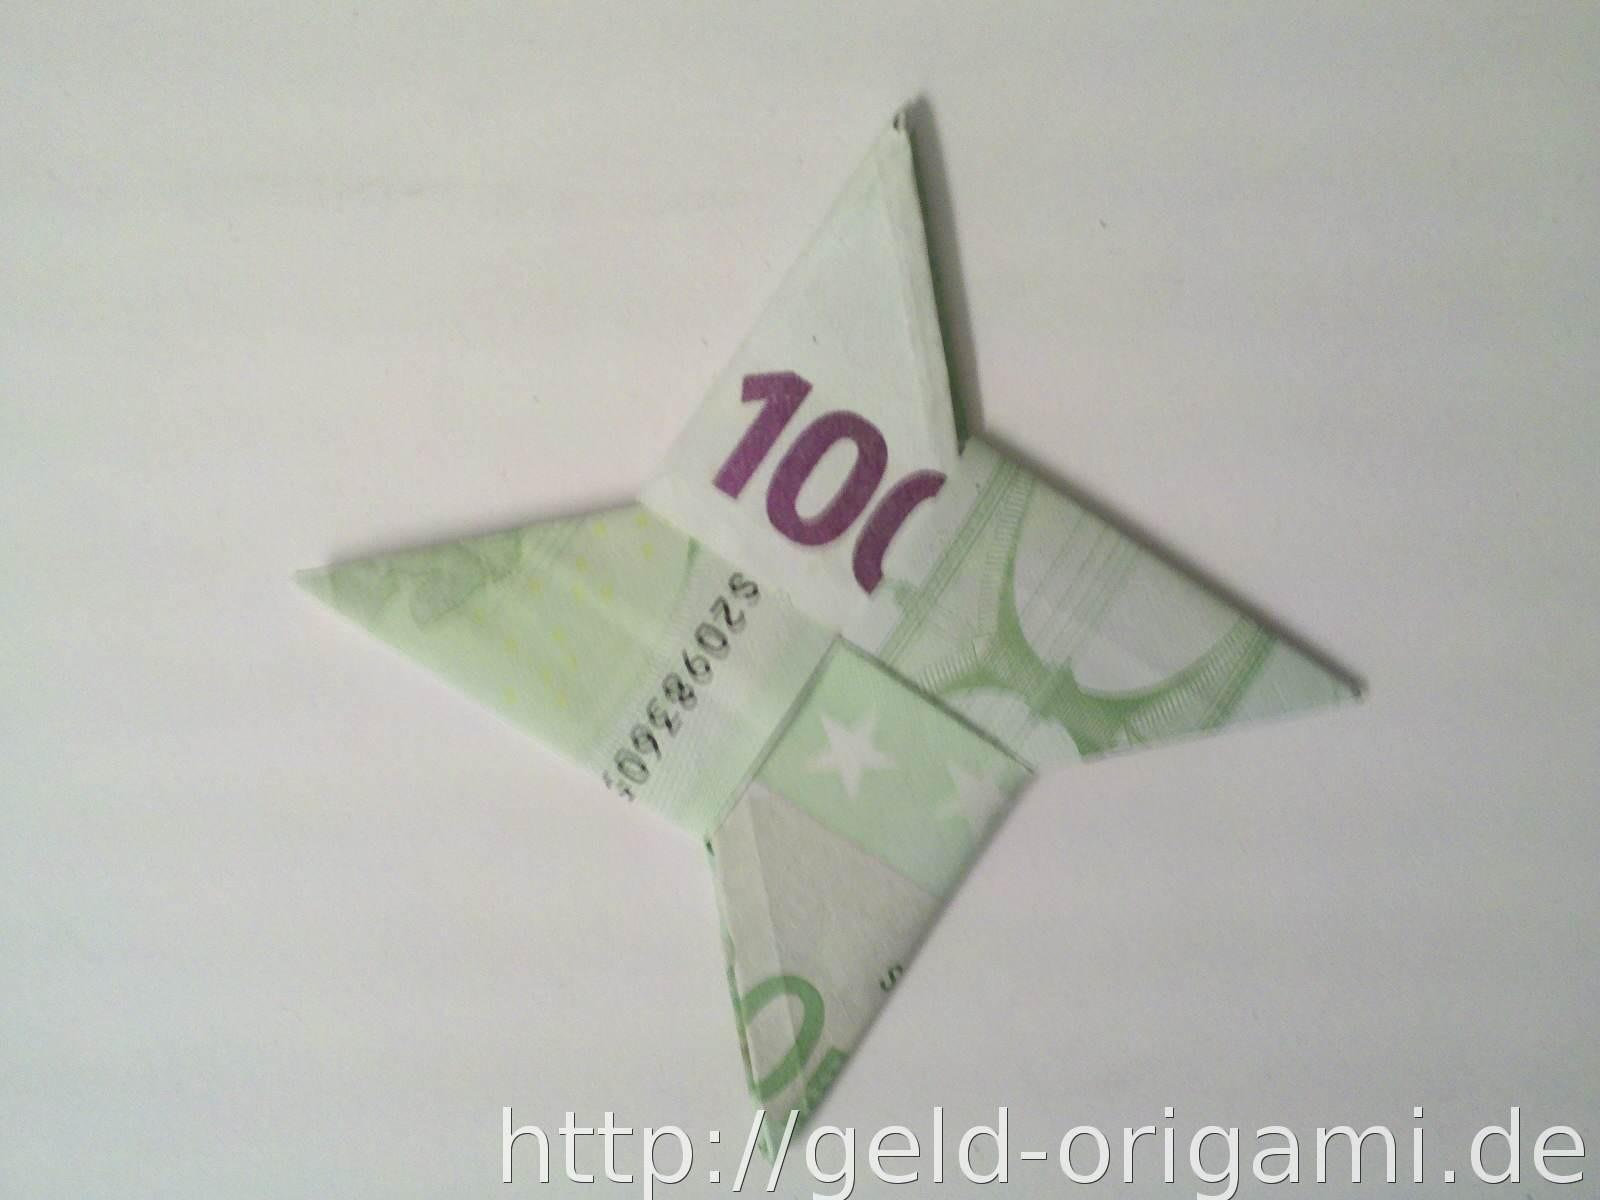 Geldschein Geschenke  Stern aus zwei Geldscheinen falten Origami mit Geldscheinen